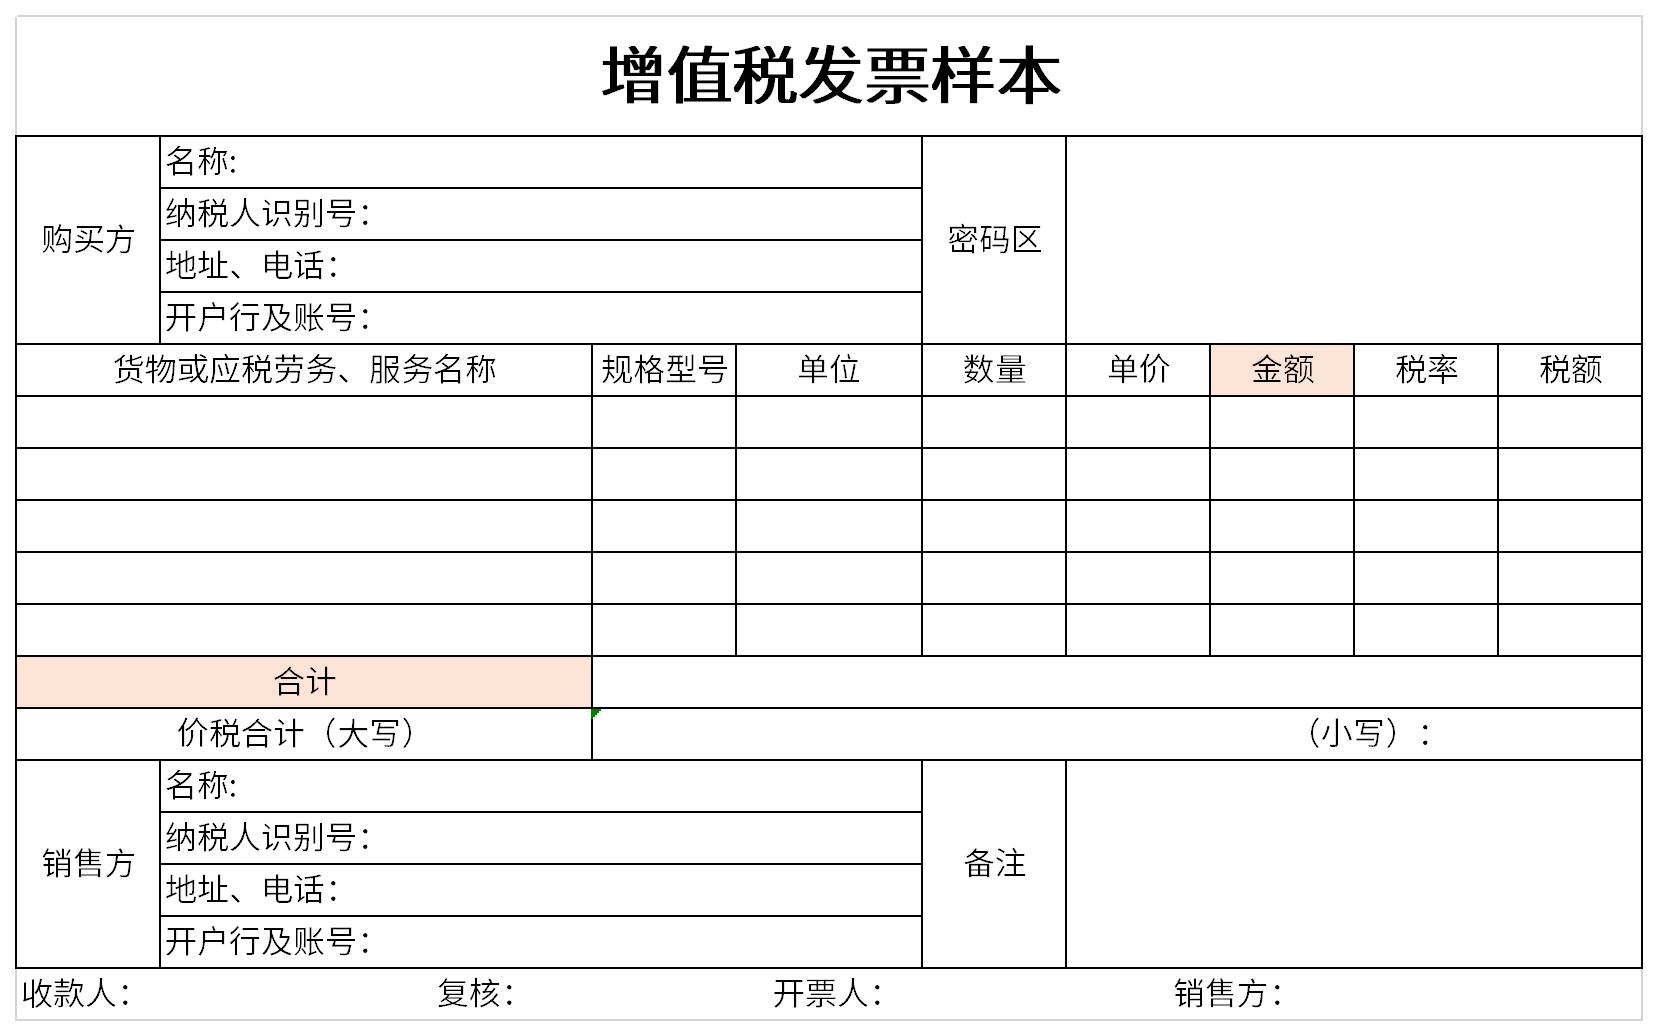 增值税发票样本截图